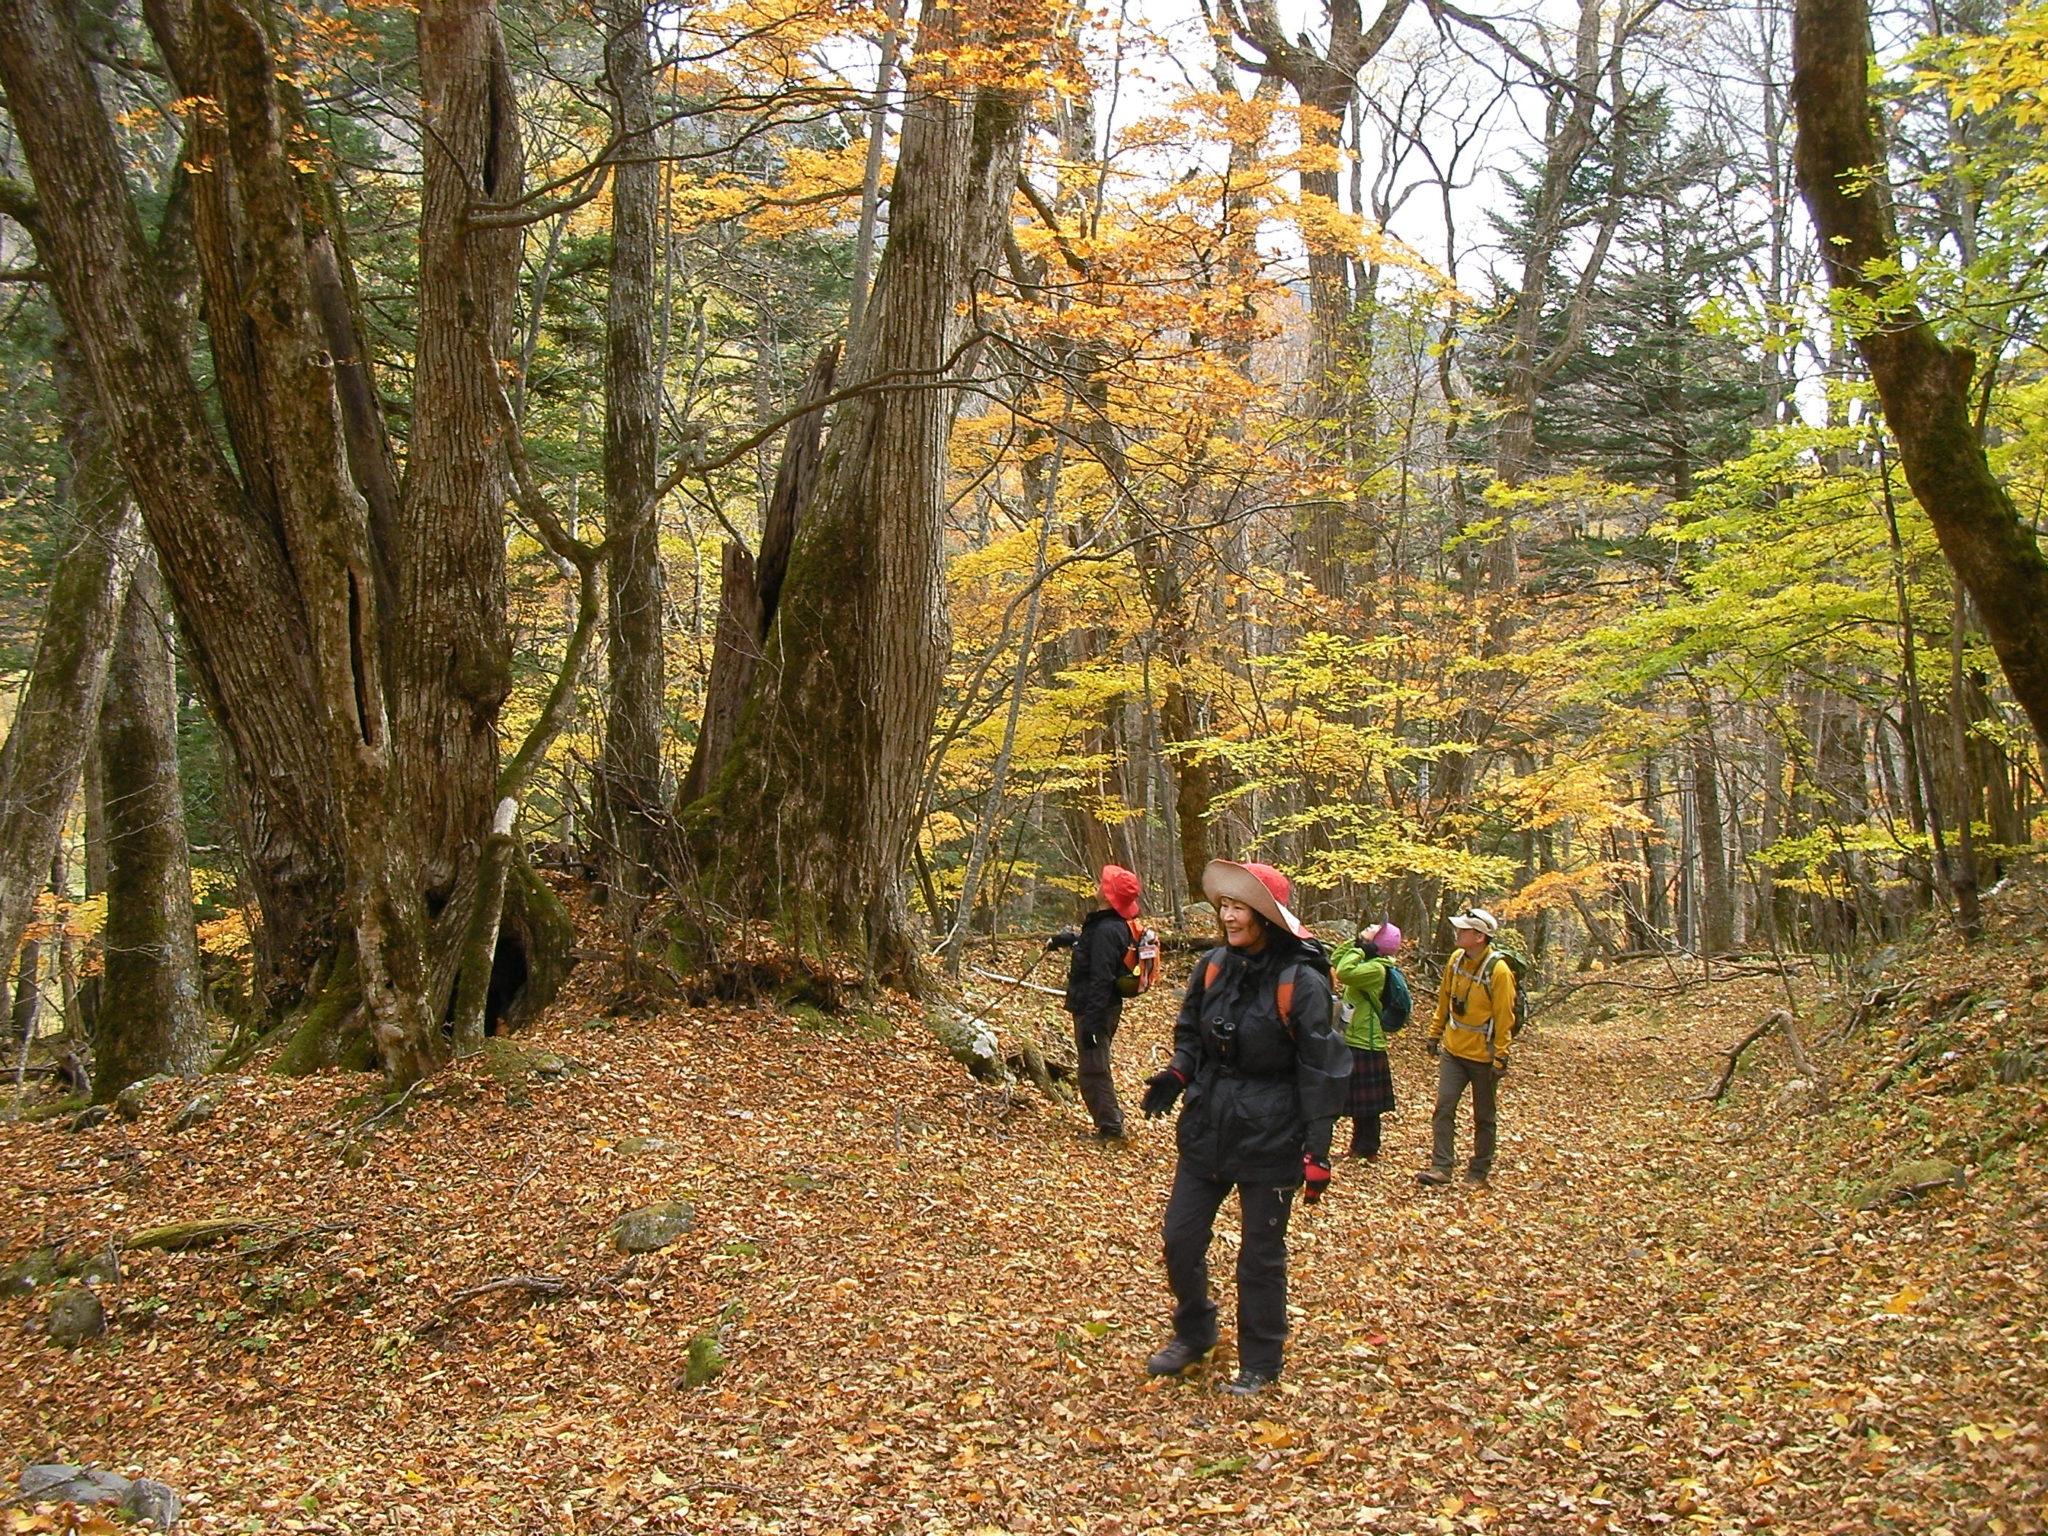 南アルプス広河原 紅葉の森ハイキングツアー